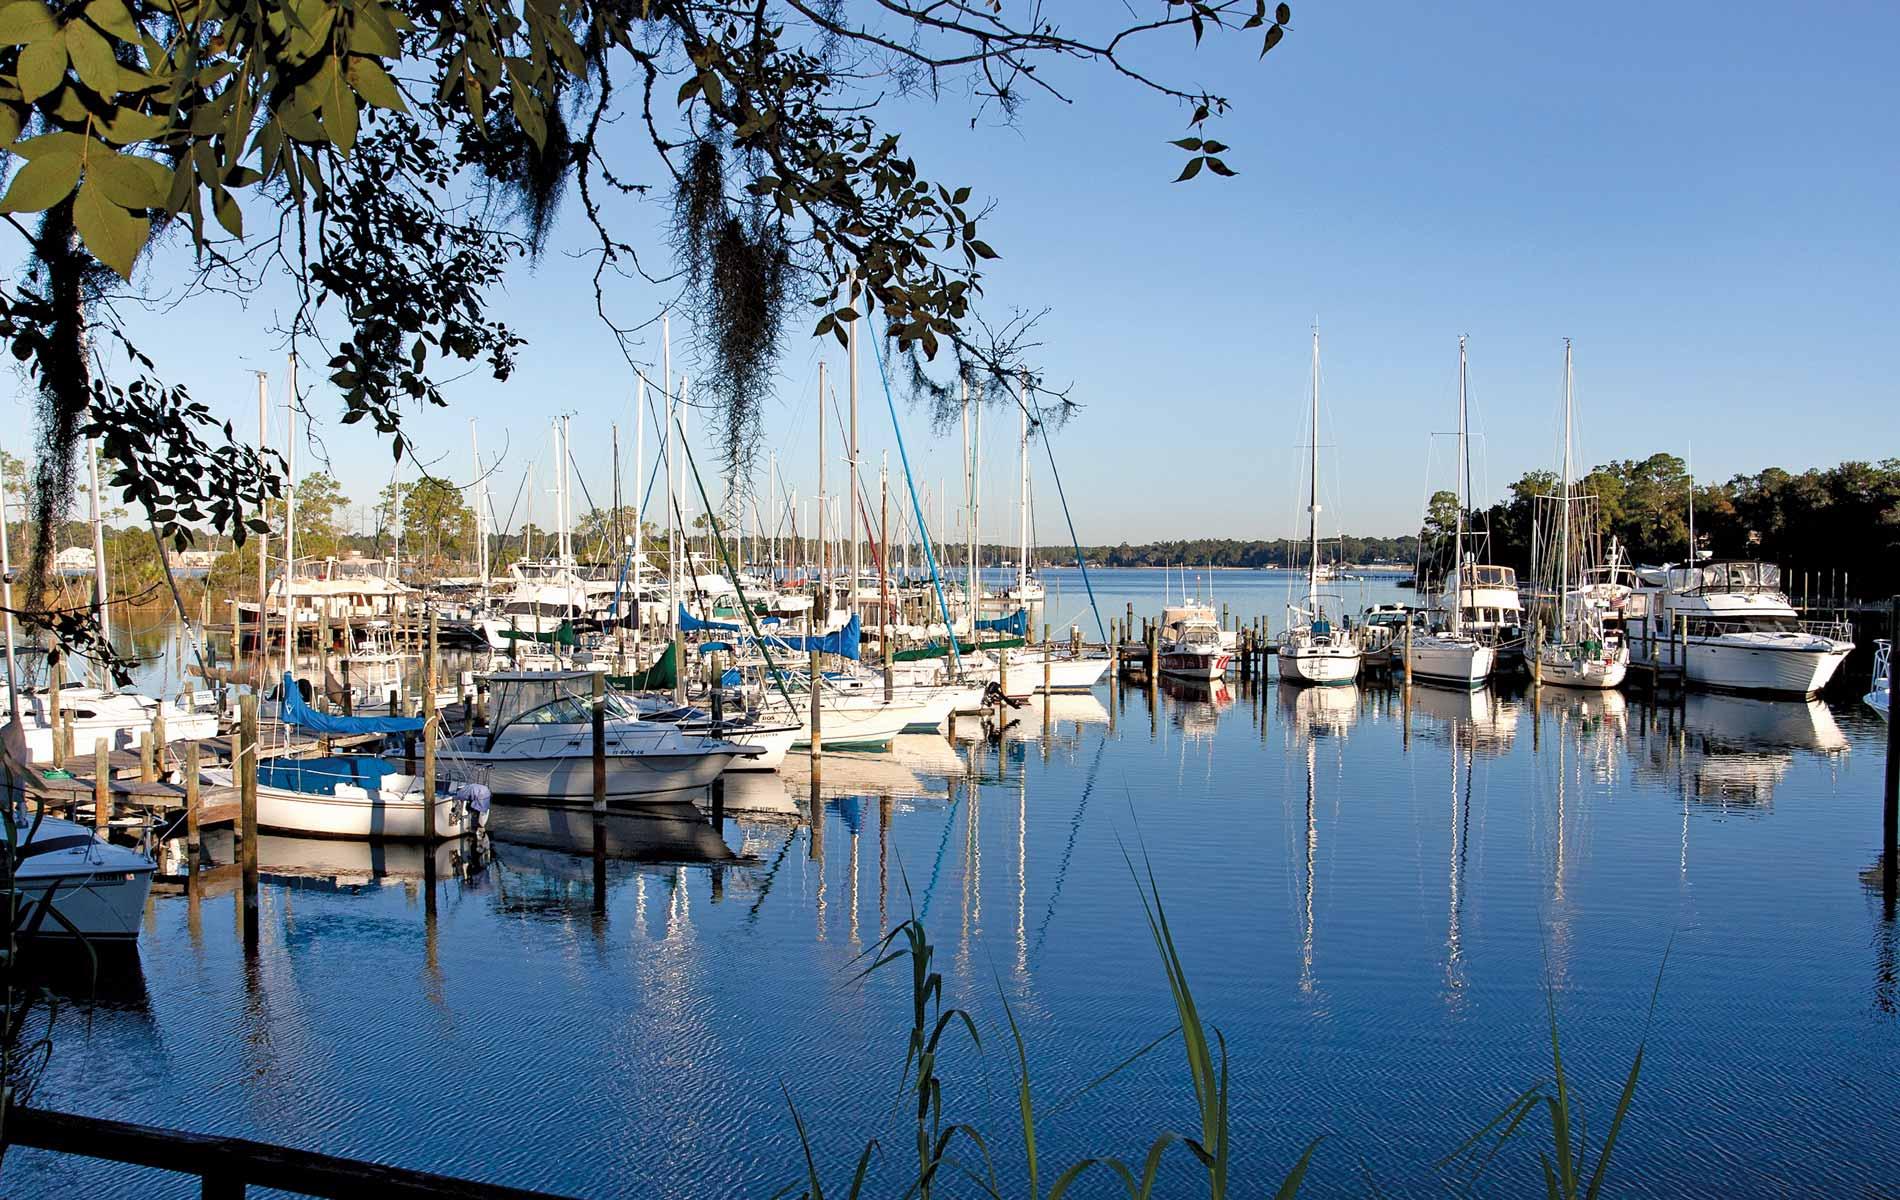 vie-magazine-bluewater-bay-marina